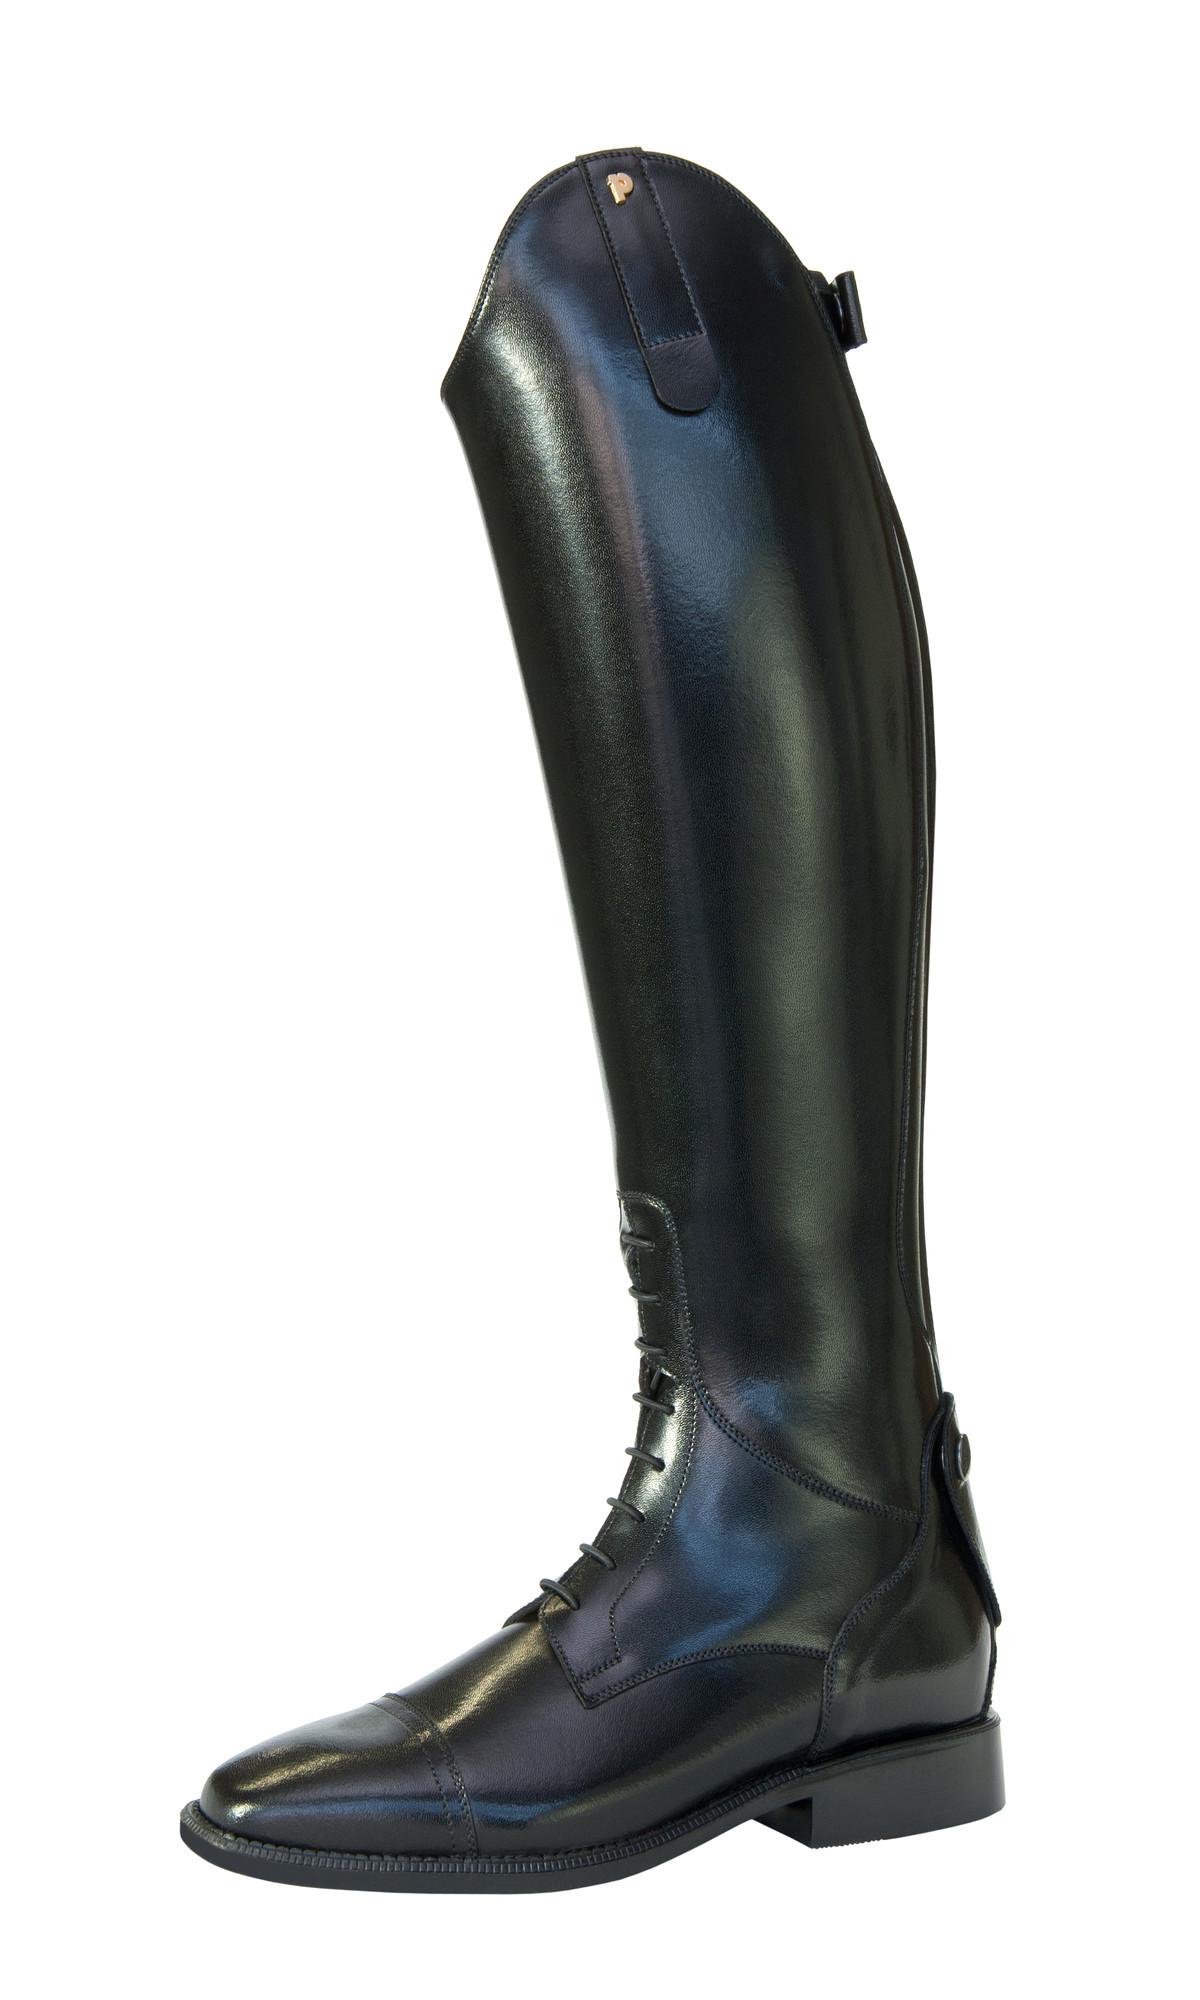 Petrie Melbourne rijlaars zwart maat:7,5 xw